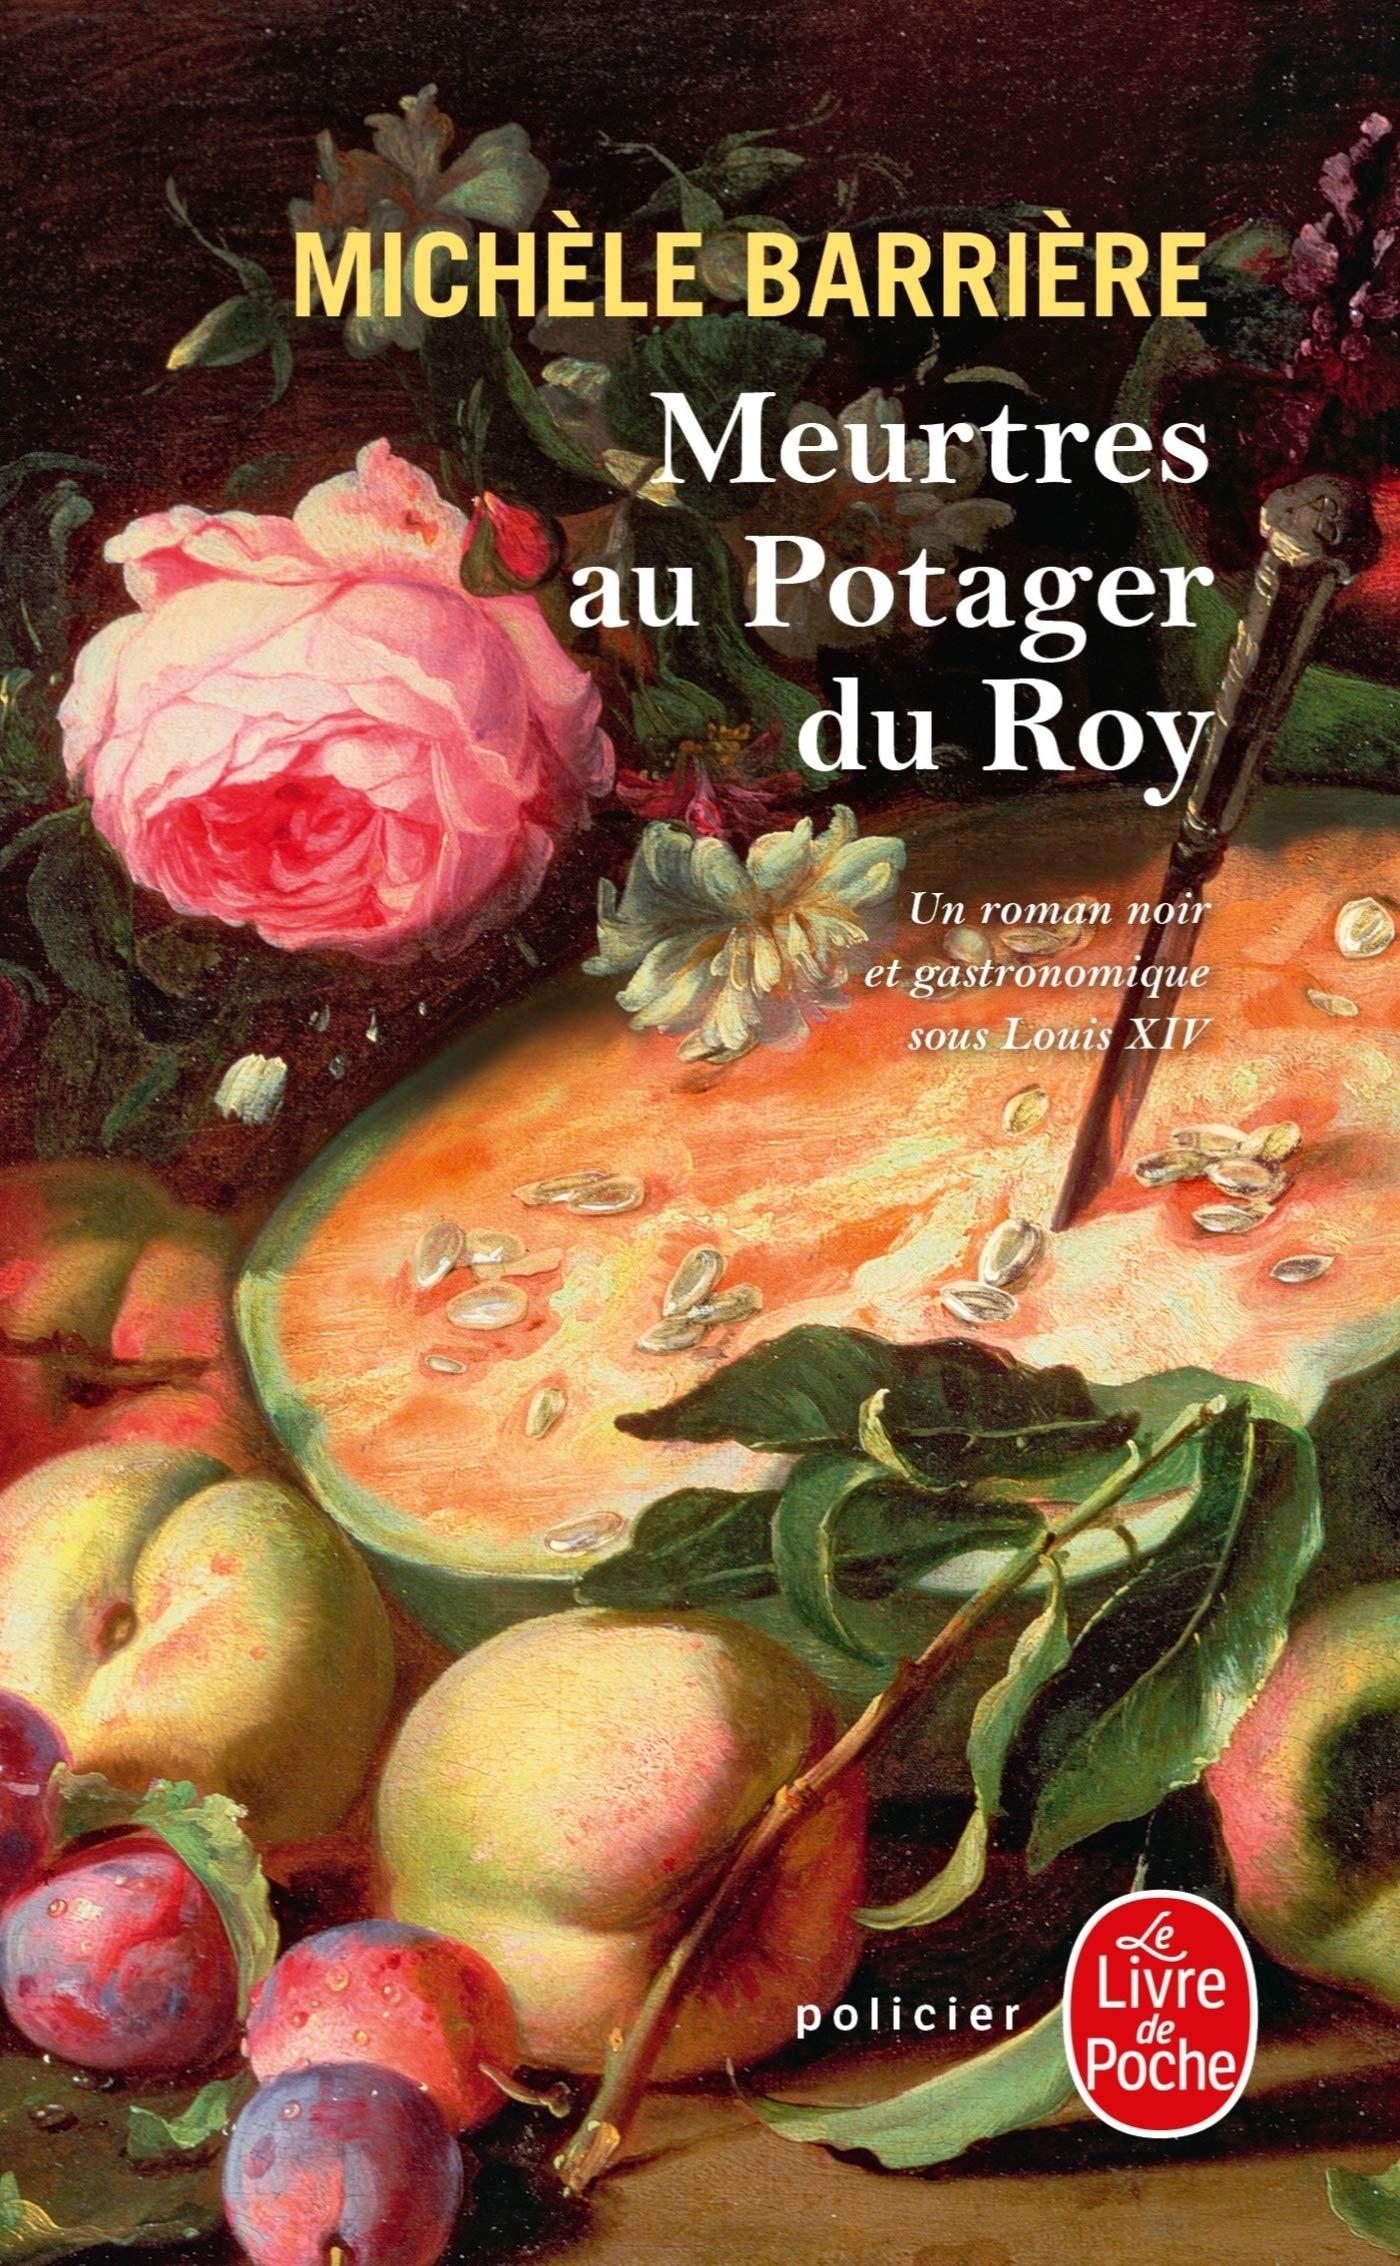 Amazon.fr - Meurtres au potager du Roy - Barrière, Michèle - Livres